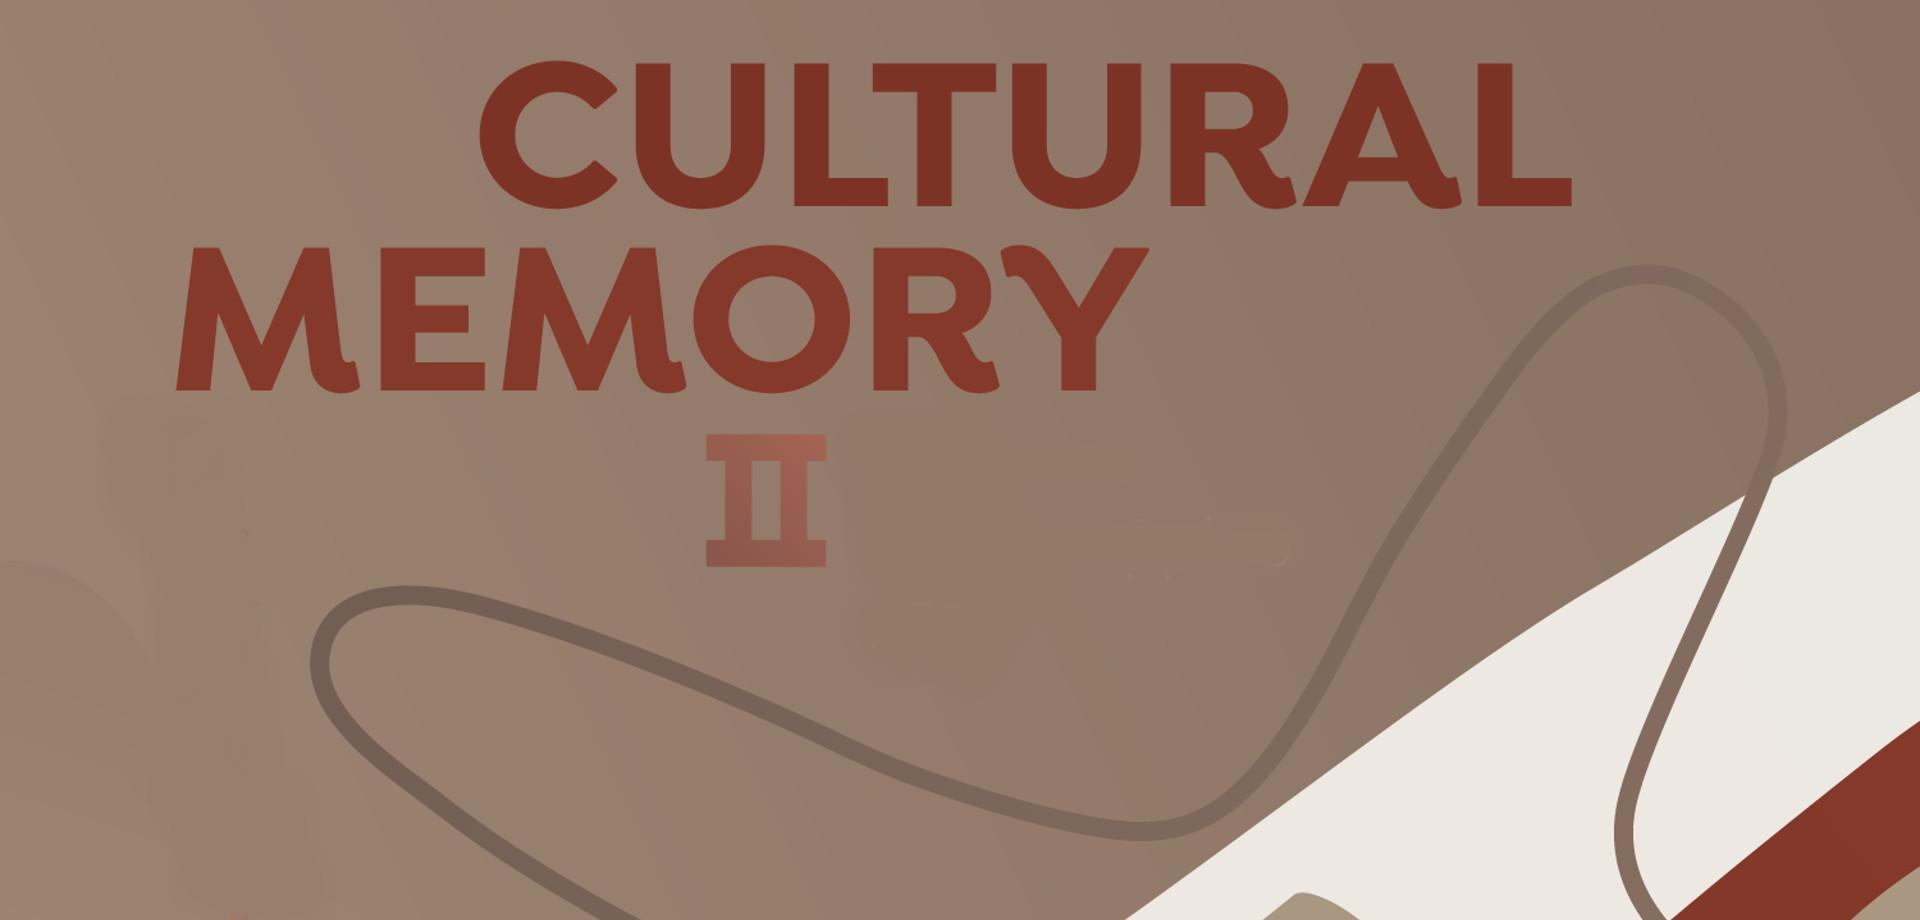 Cultural Memory II